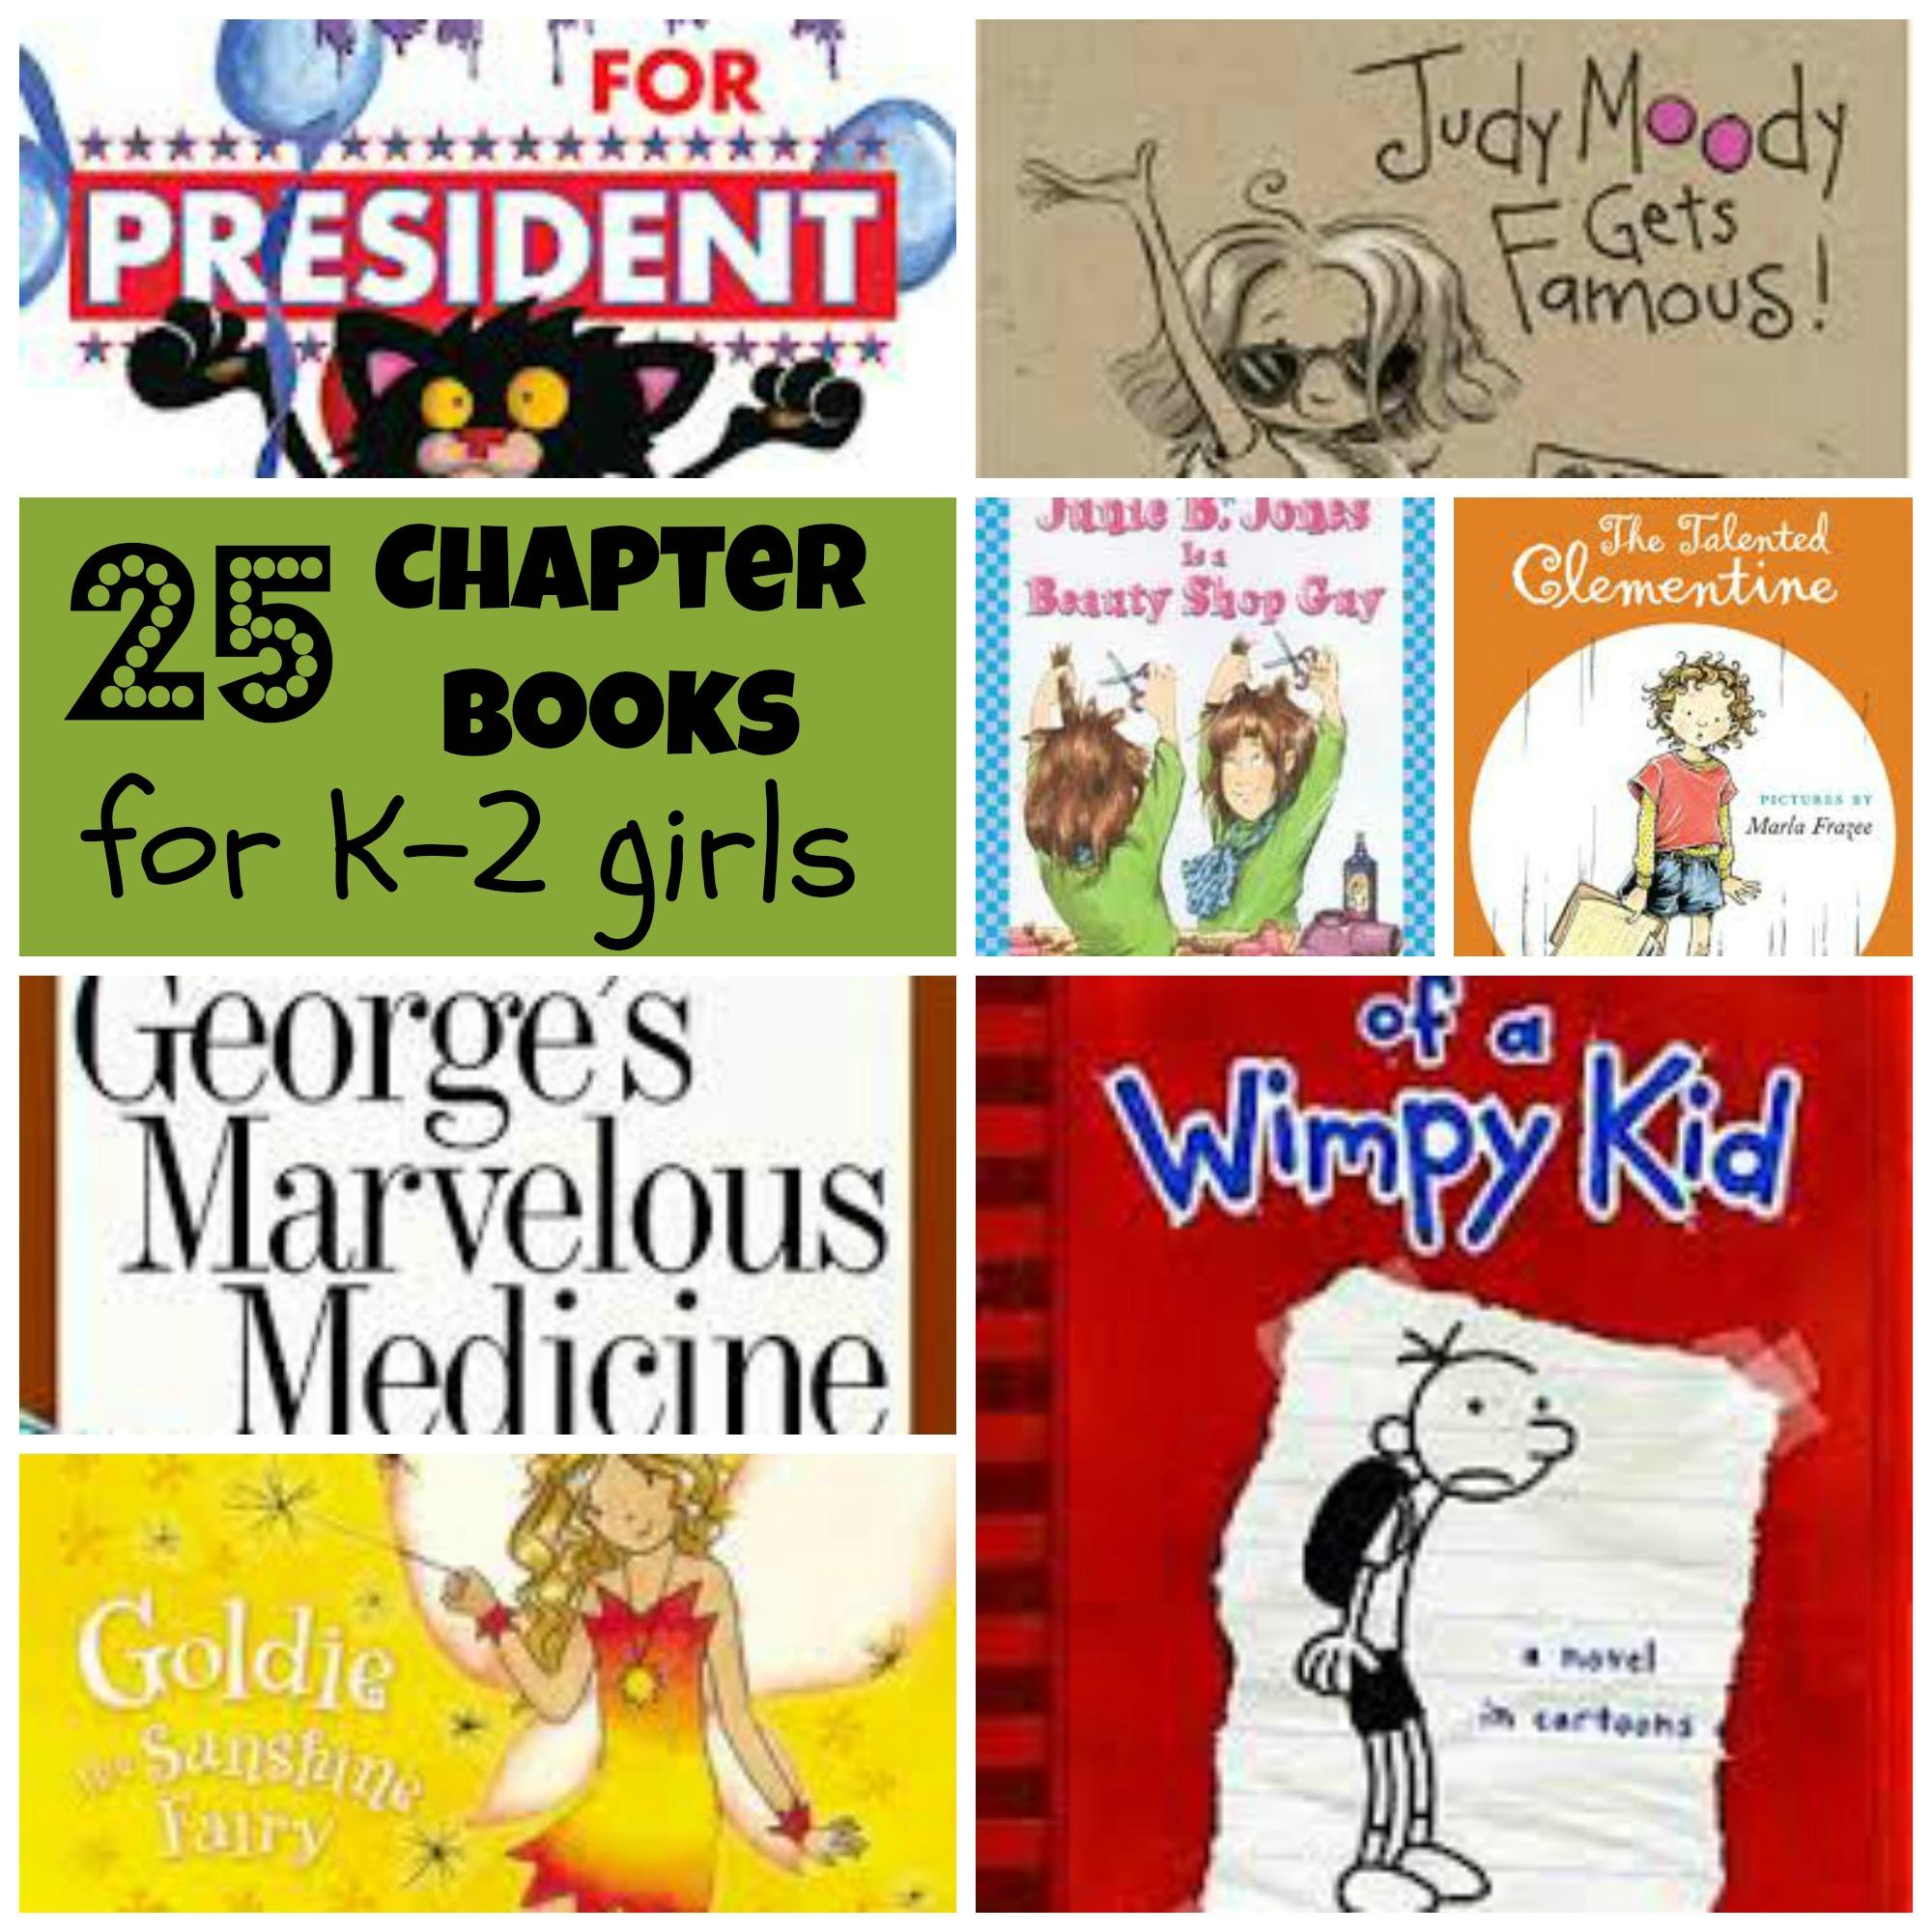 25 Chapter Books for K-2 Girls